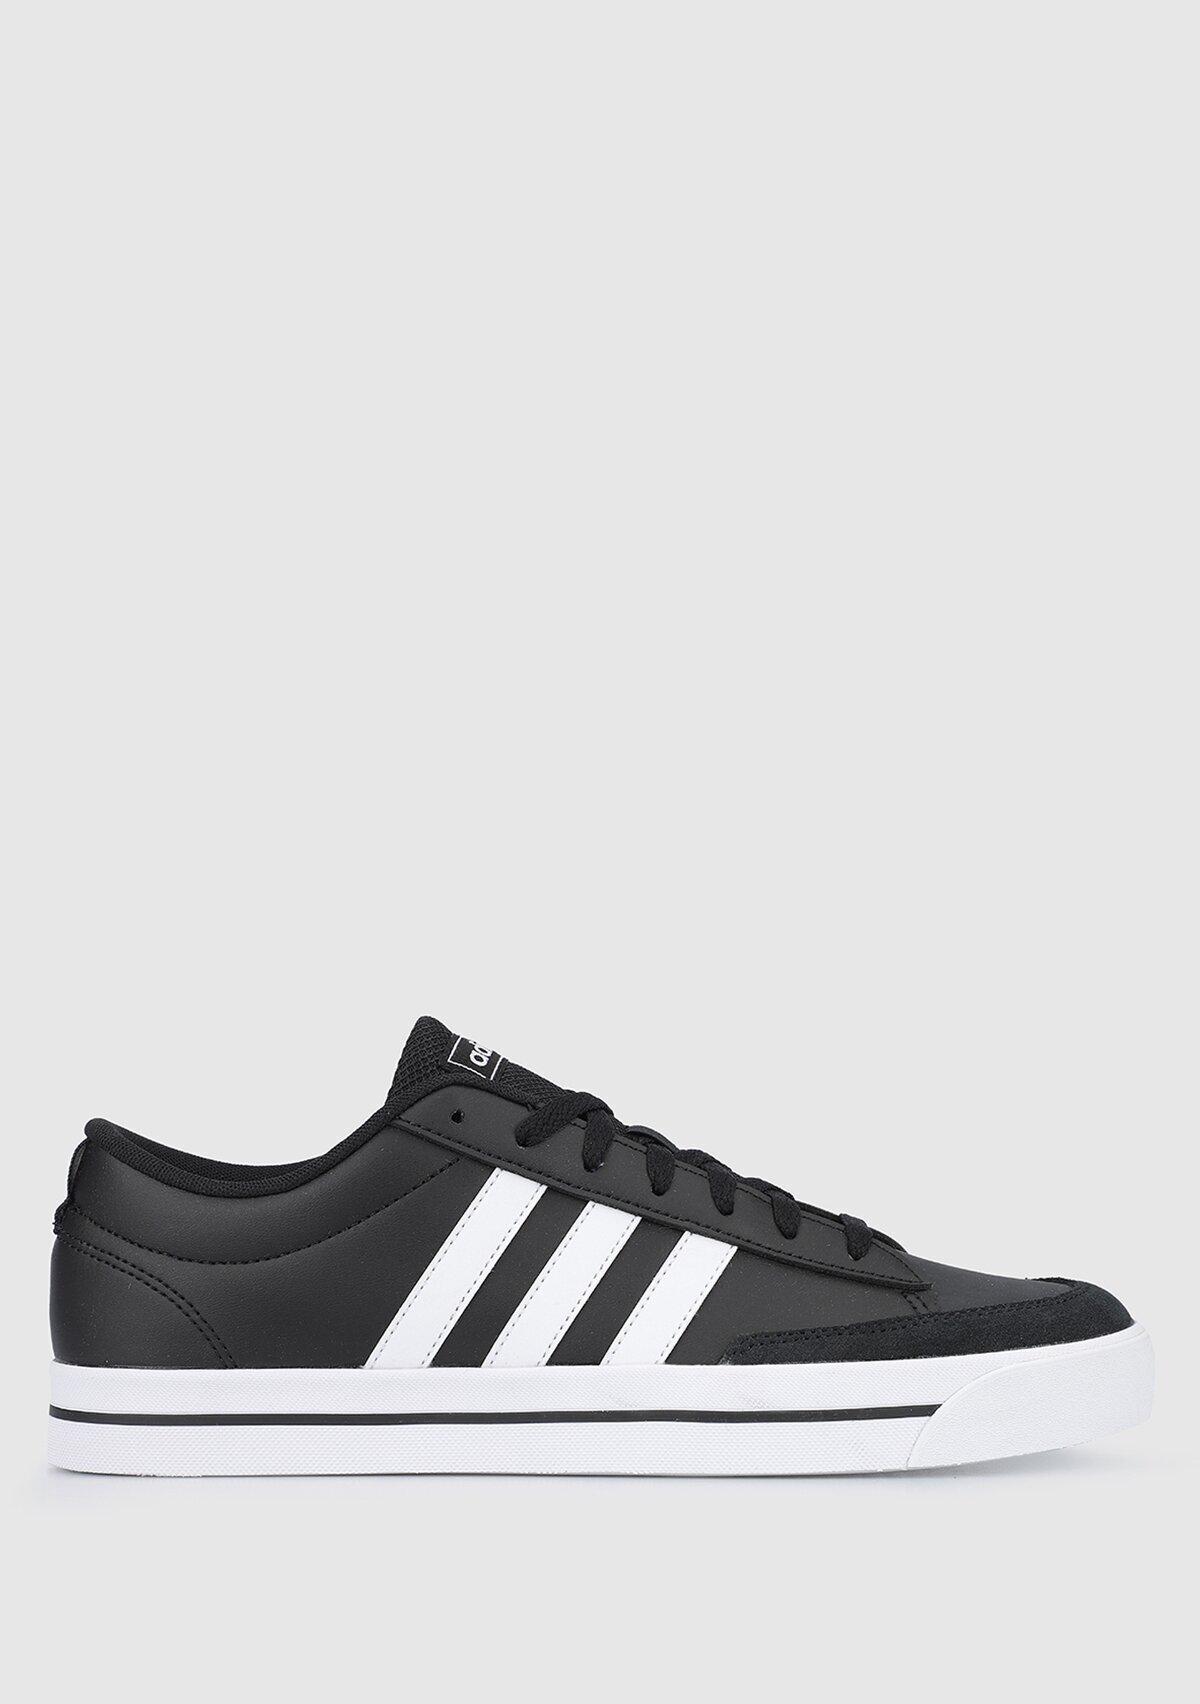 resm Retrovulc Siyah Erkek Sneaker H02210